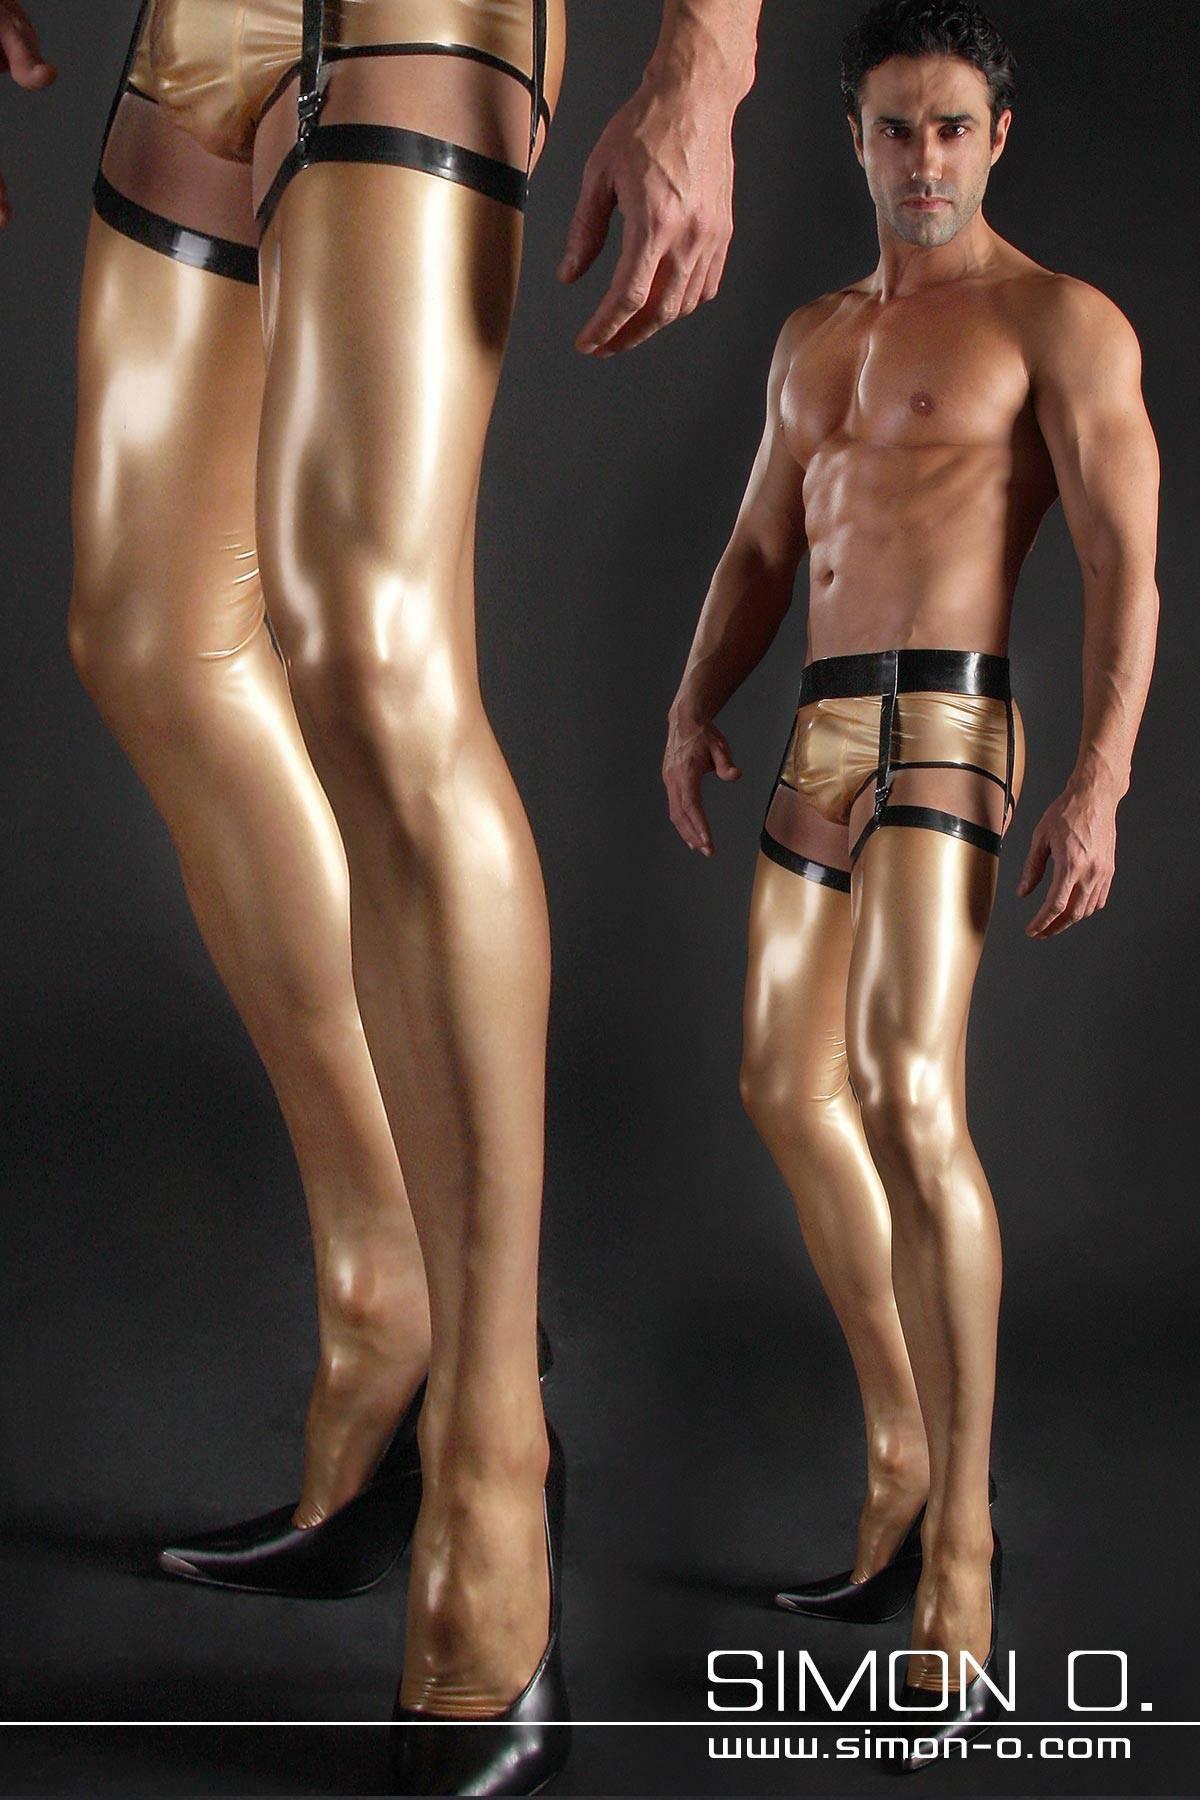 Latex Strümpfe für Herren Der Fußteil mit Spitze und Ferse anatomisch geklebt und verstärkt . Zum besseren Anziehen sowie für einen besseren Tragekomfort …